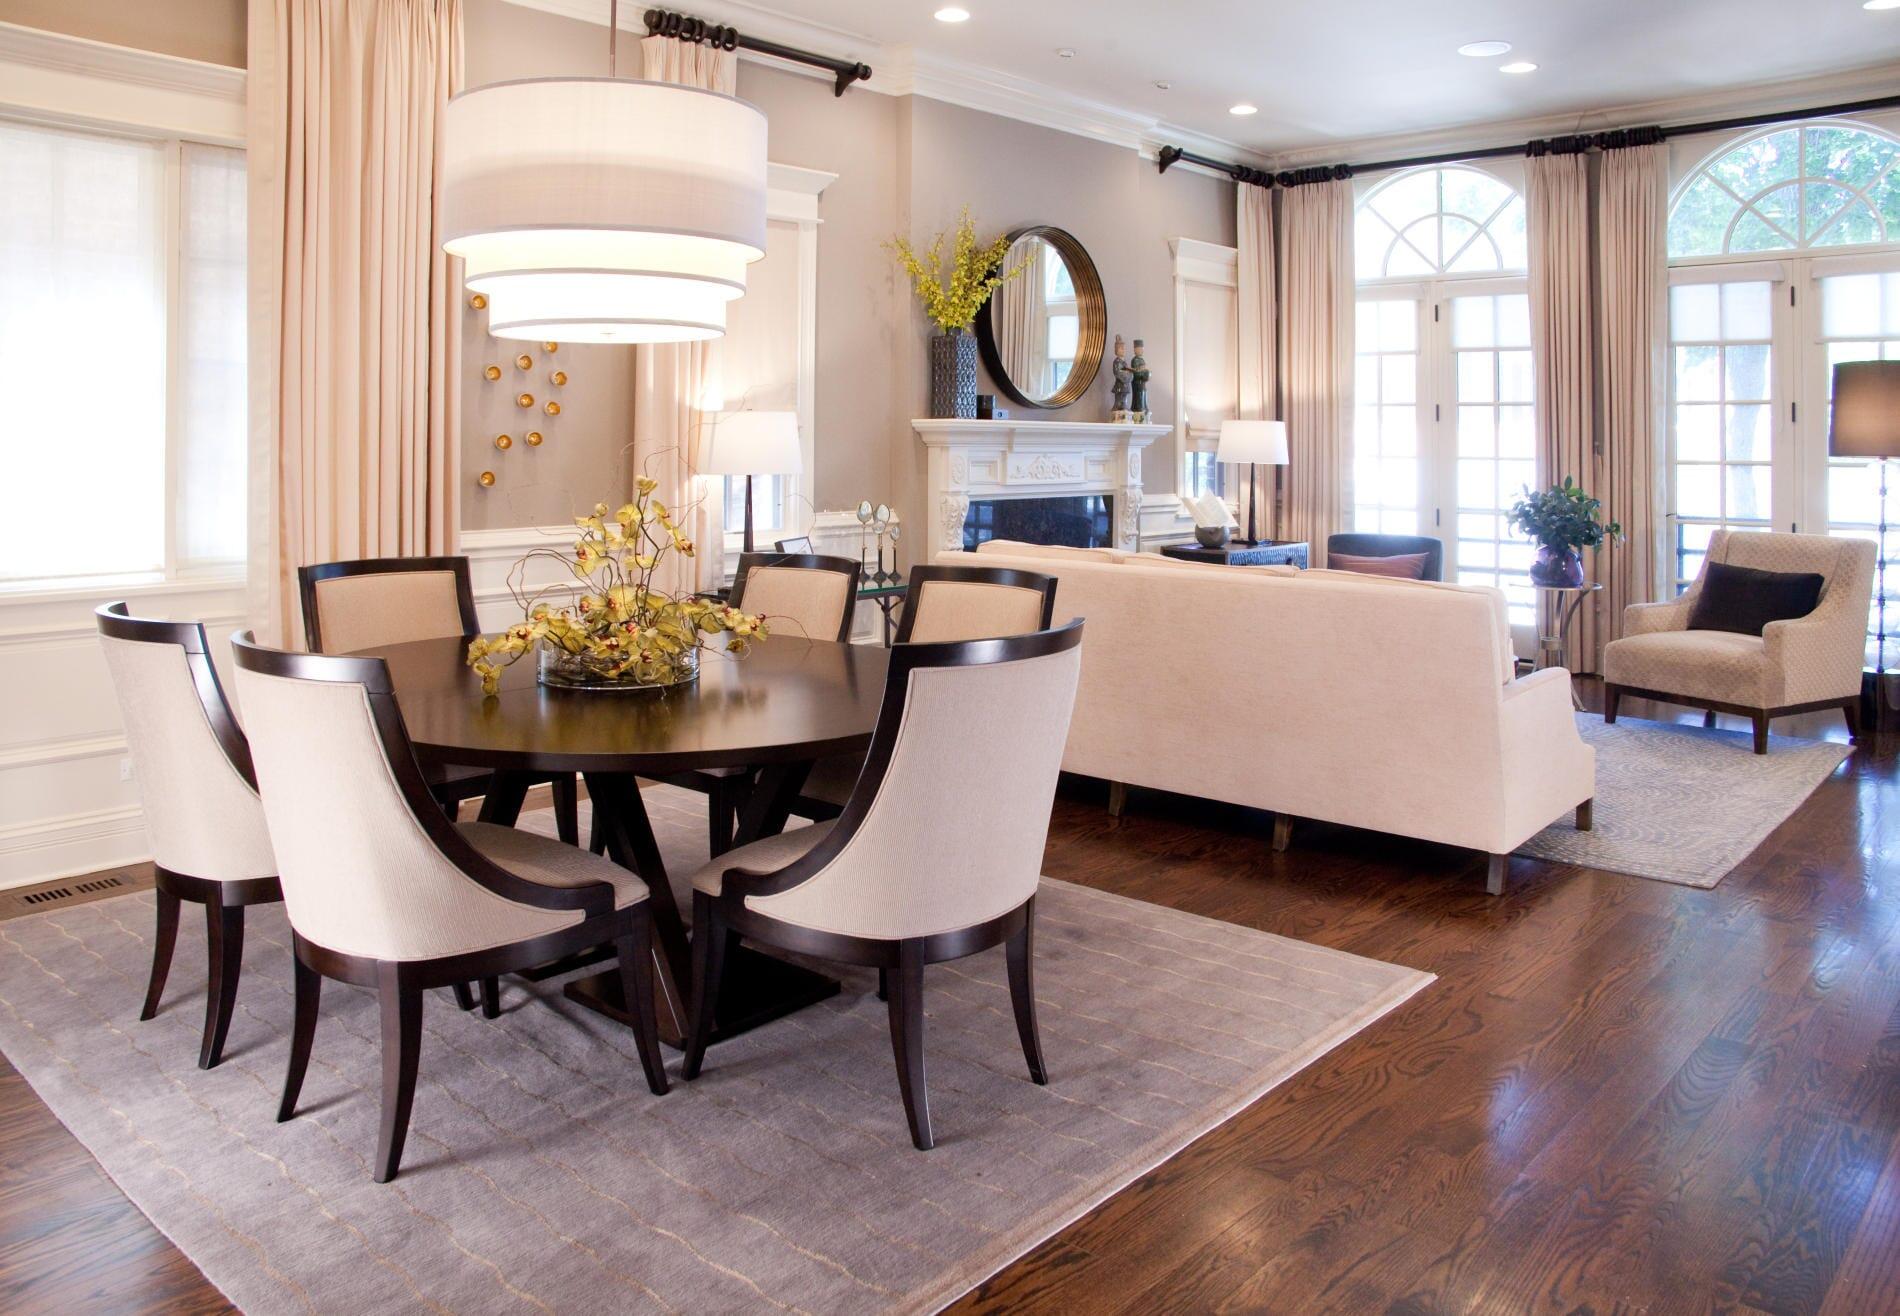 WGu0026R Furniture